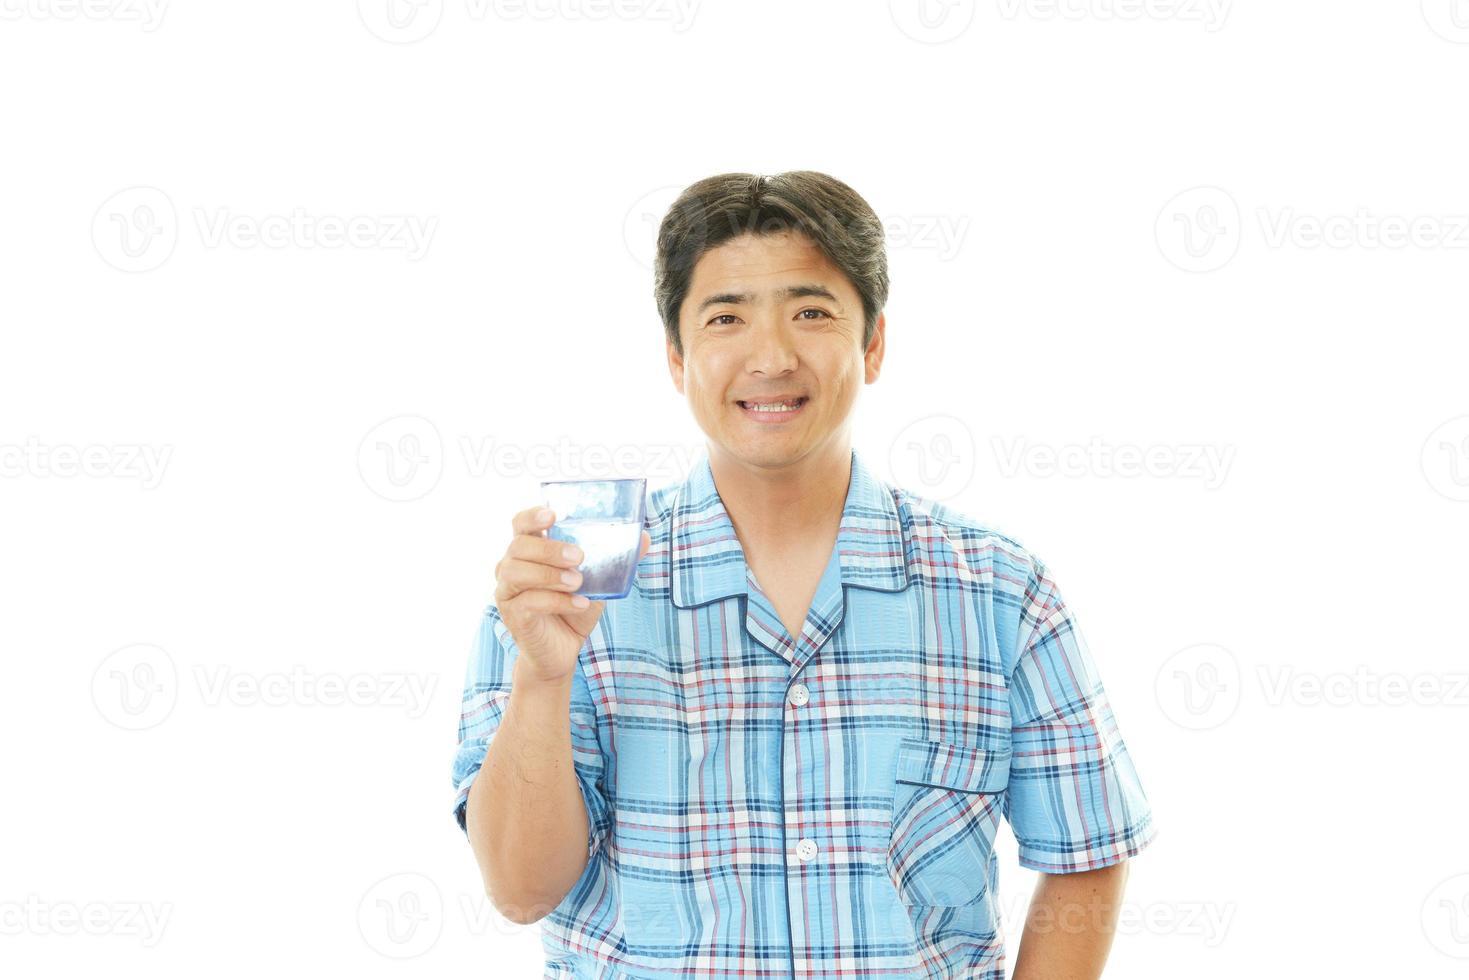 homem bebendo água fresca foto